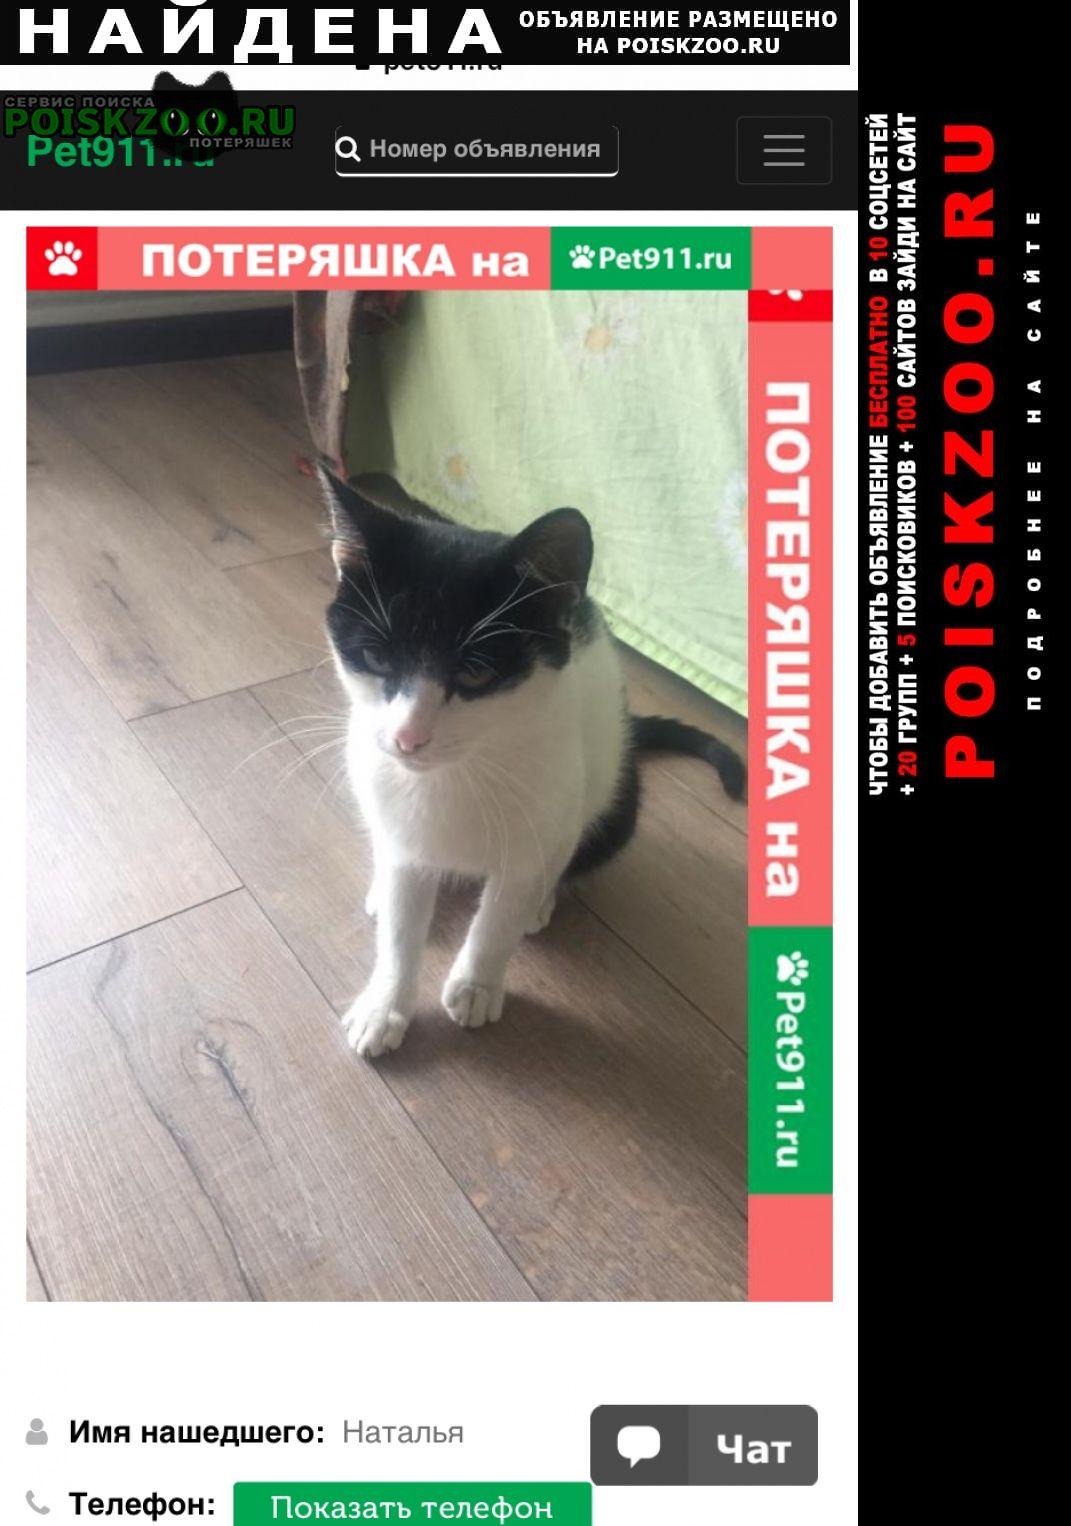 Найден кот в коммунарке Москва